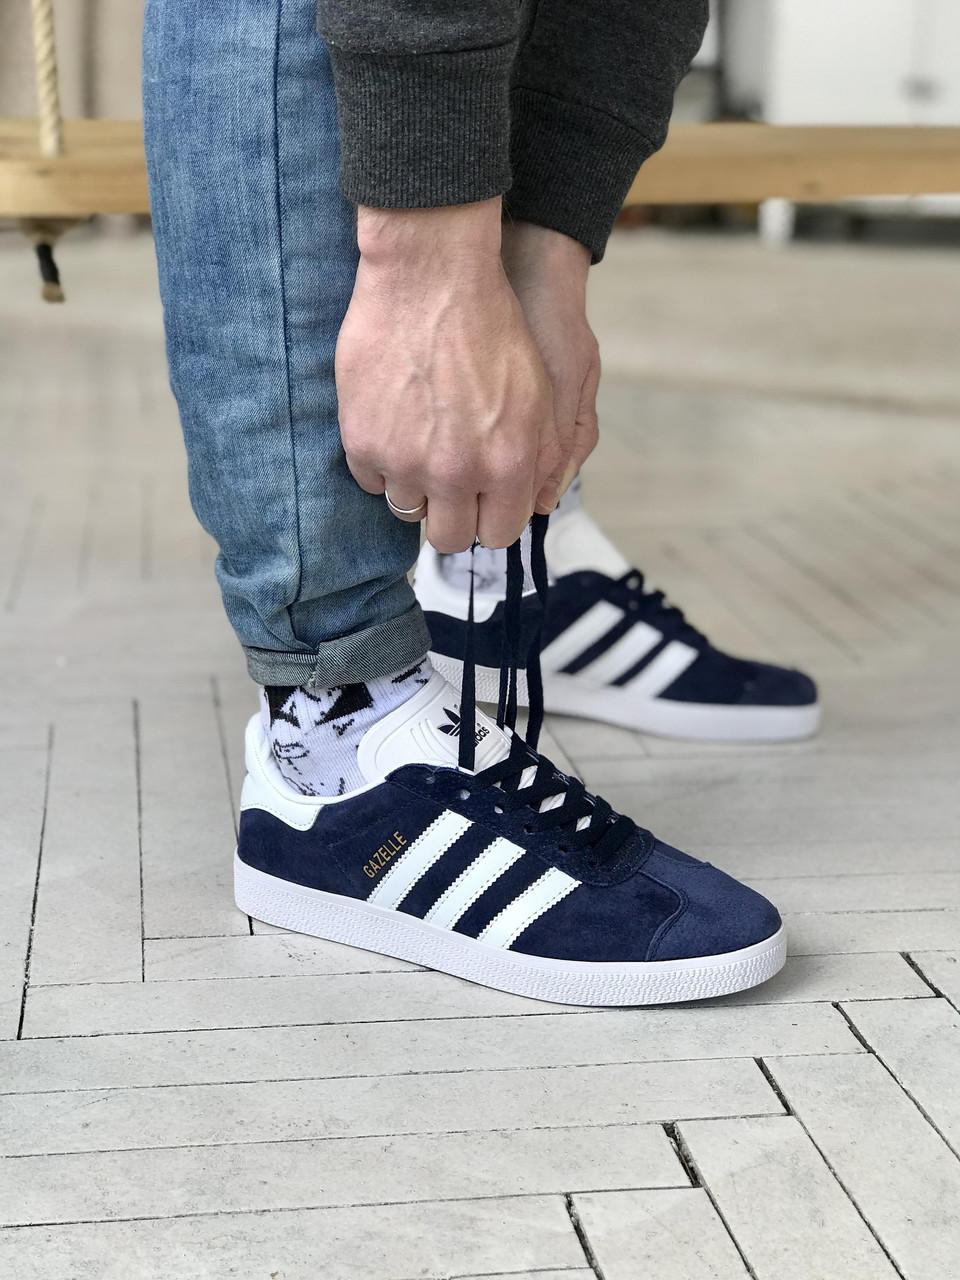 Стильные кроссовки Adidas Gazelle Blue / Адидас газели синие